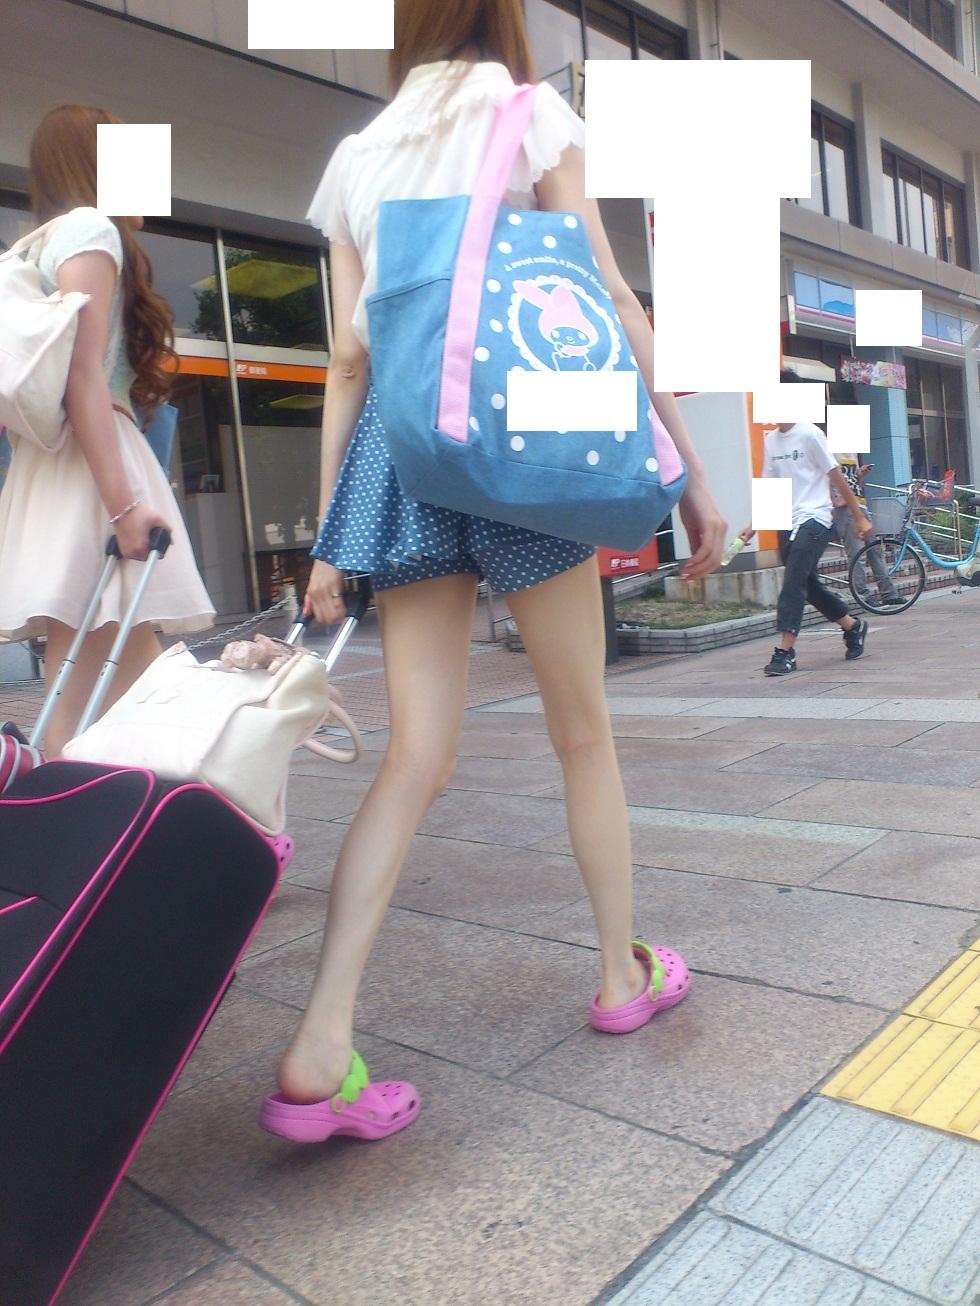 【街撮り素人画像】穏やかな地方で見つけたパンスト要らずの生美脚たち 05